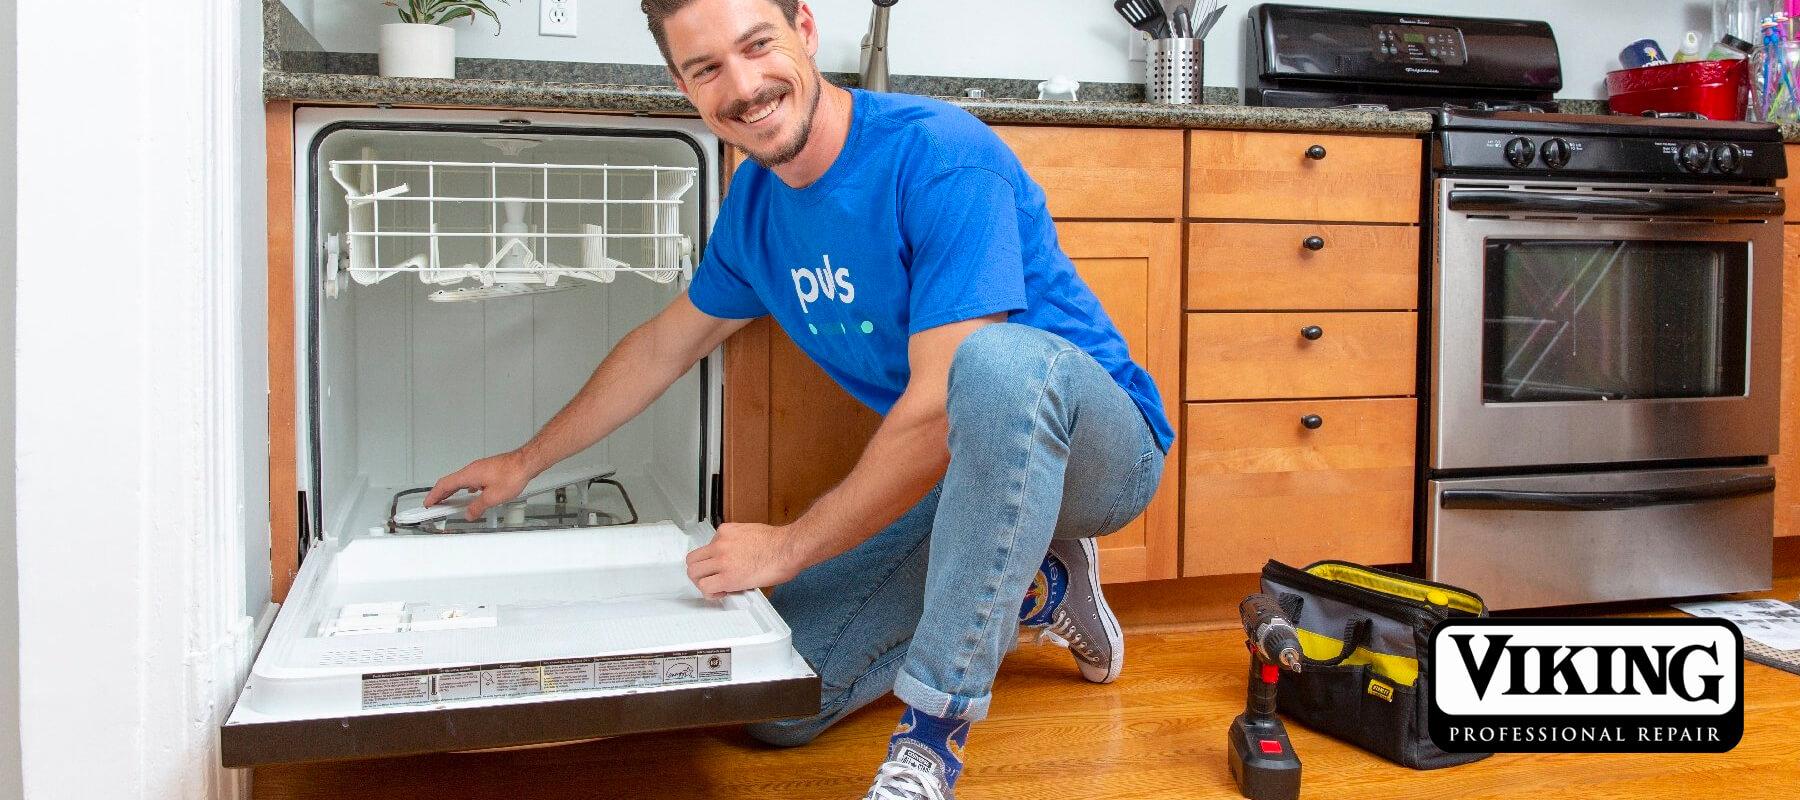 Viking Dishwasher Repair | Professional Viking Repair